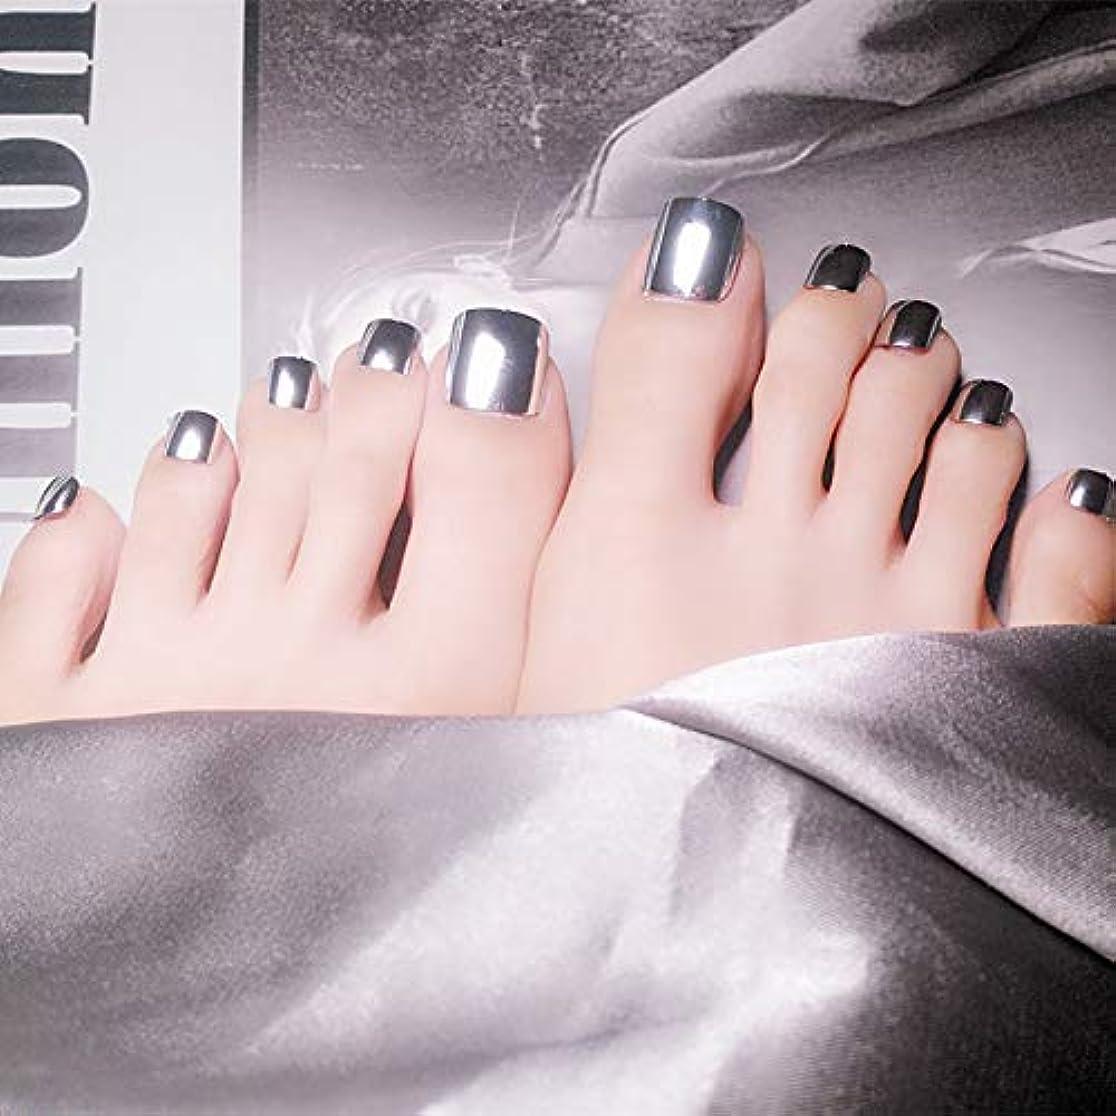 便益試みマーキー足用 手作りネイルチップ 欧米で流行るパンク風付け爪 24枚付け爪 フラットヘッド 銀 海辺